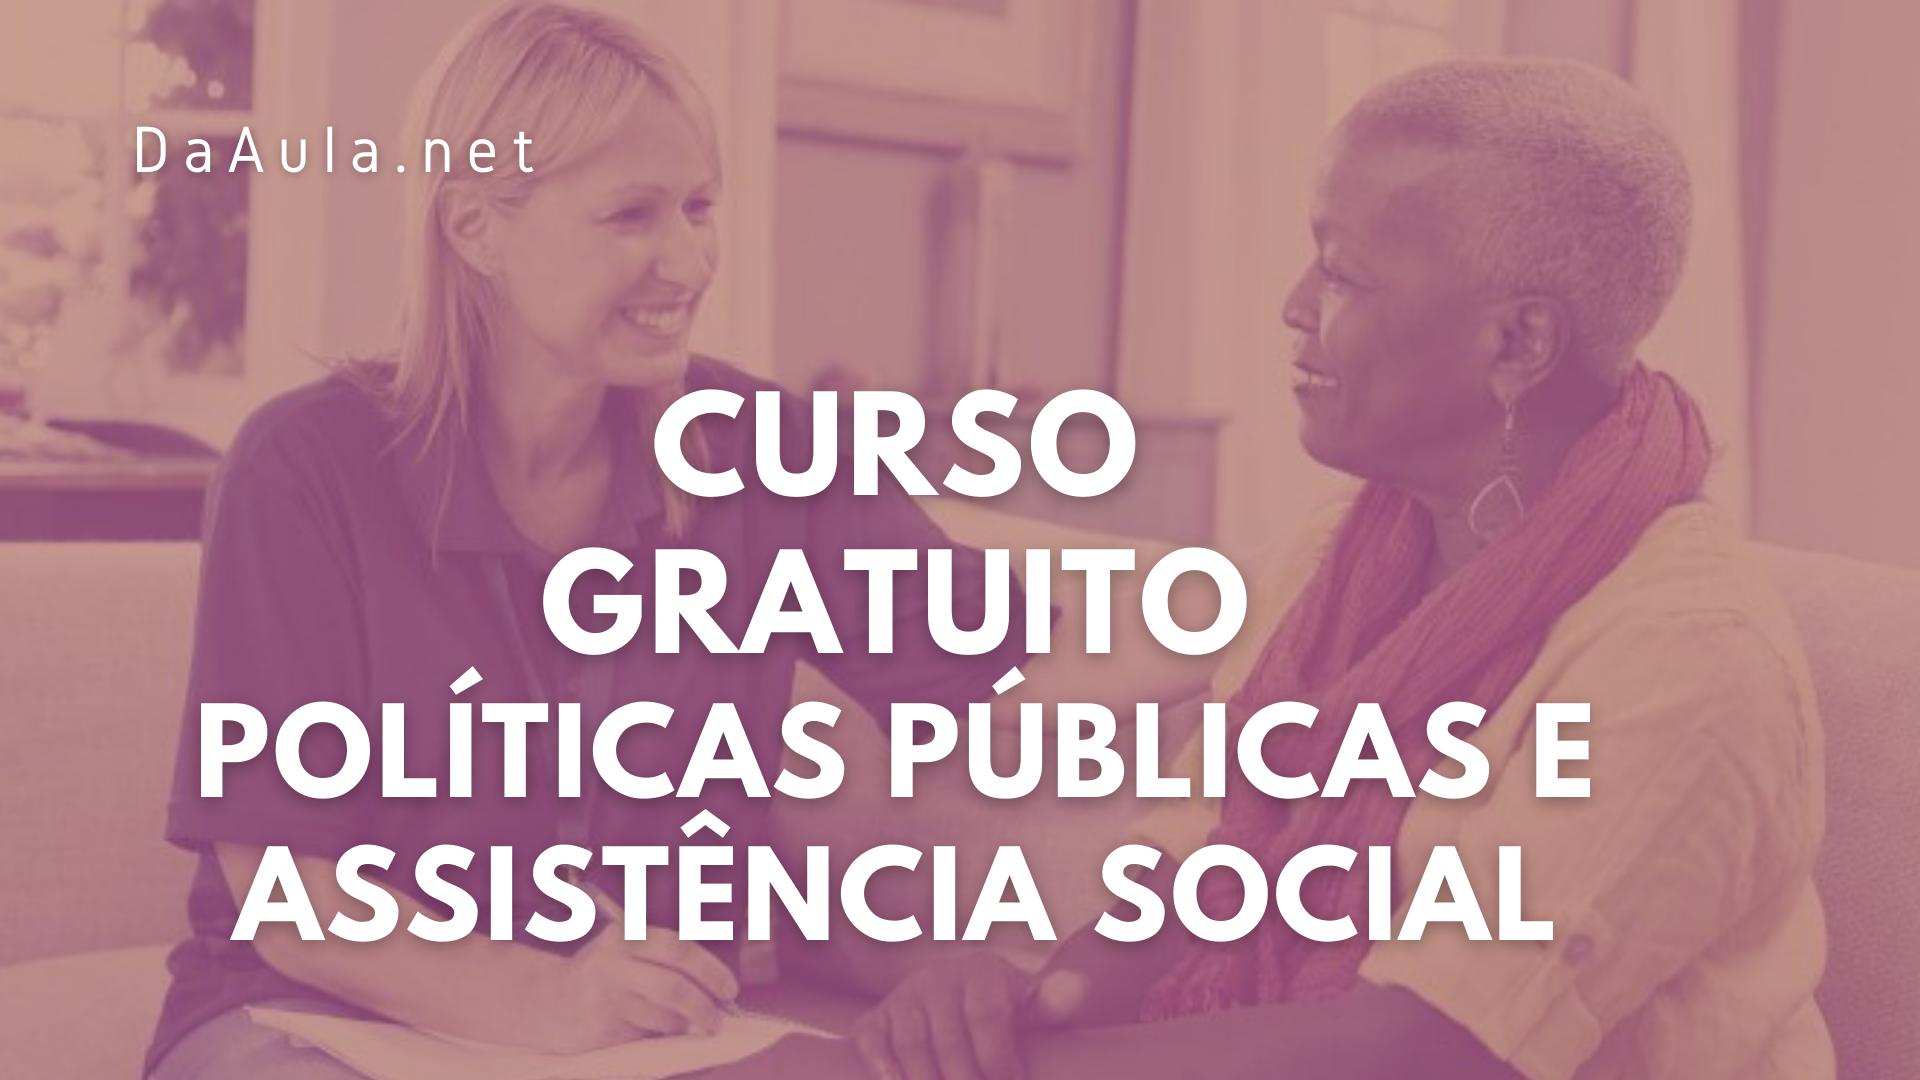 Curso Gratuito de Políticas Públicas e Assistência Social